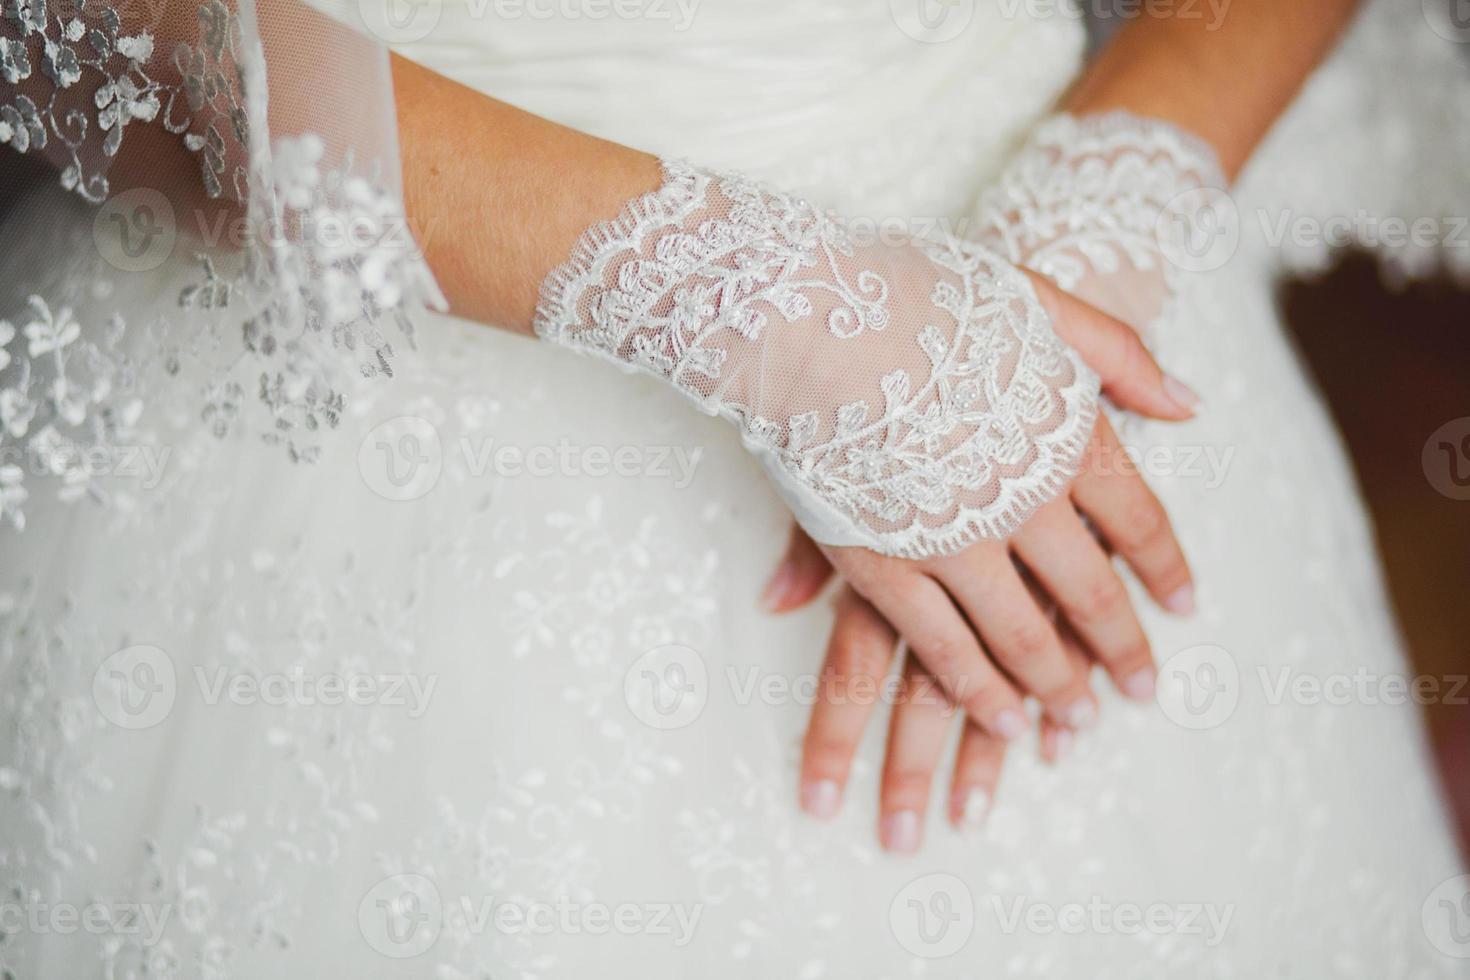 luvas de renda de casamento nas mãos da noiva, close-up foto